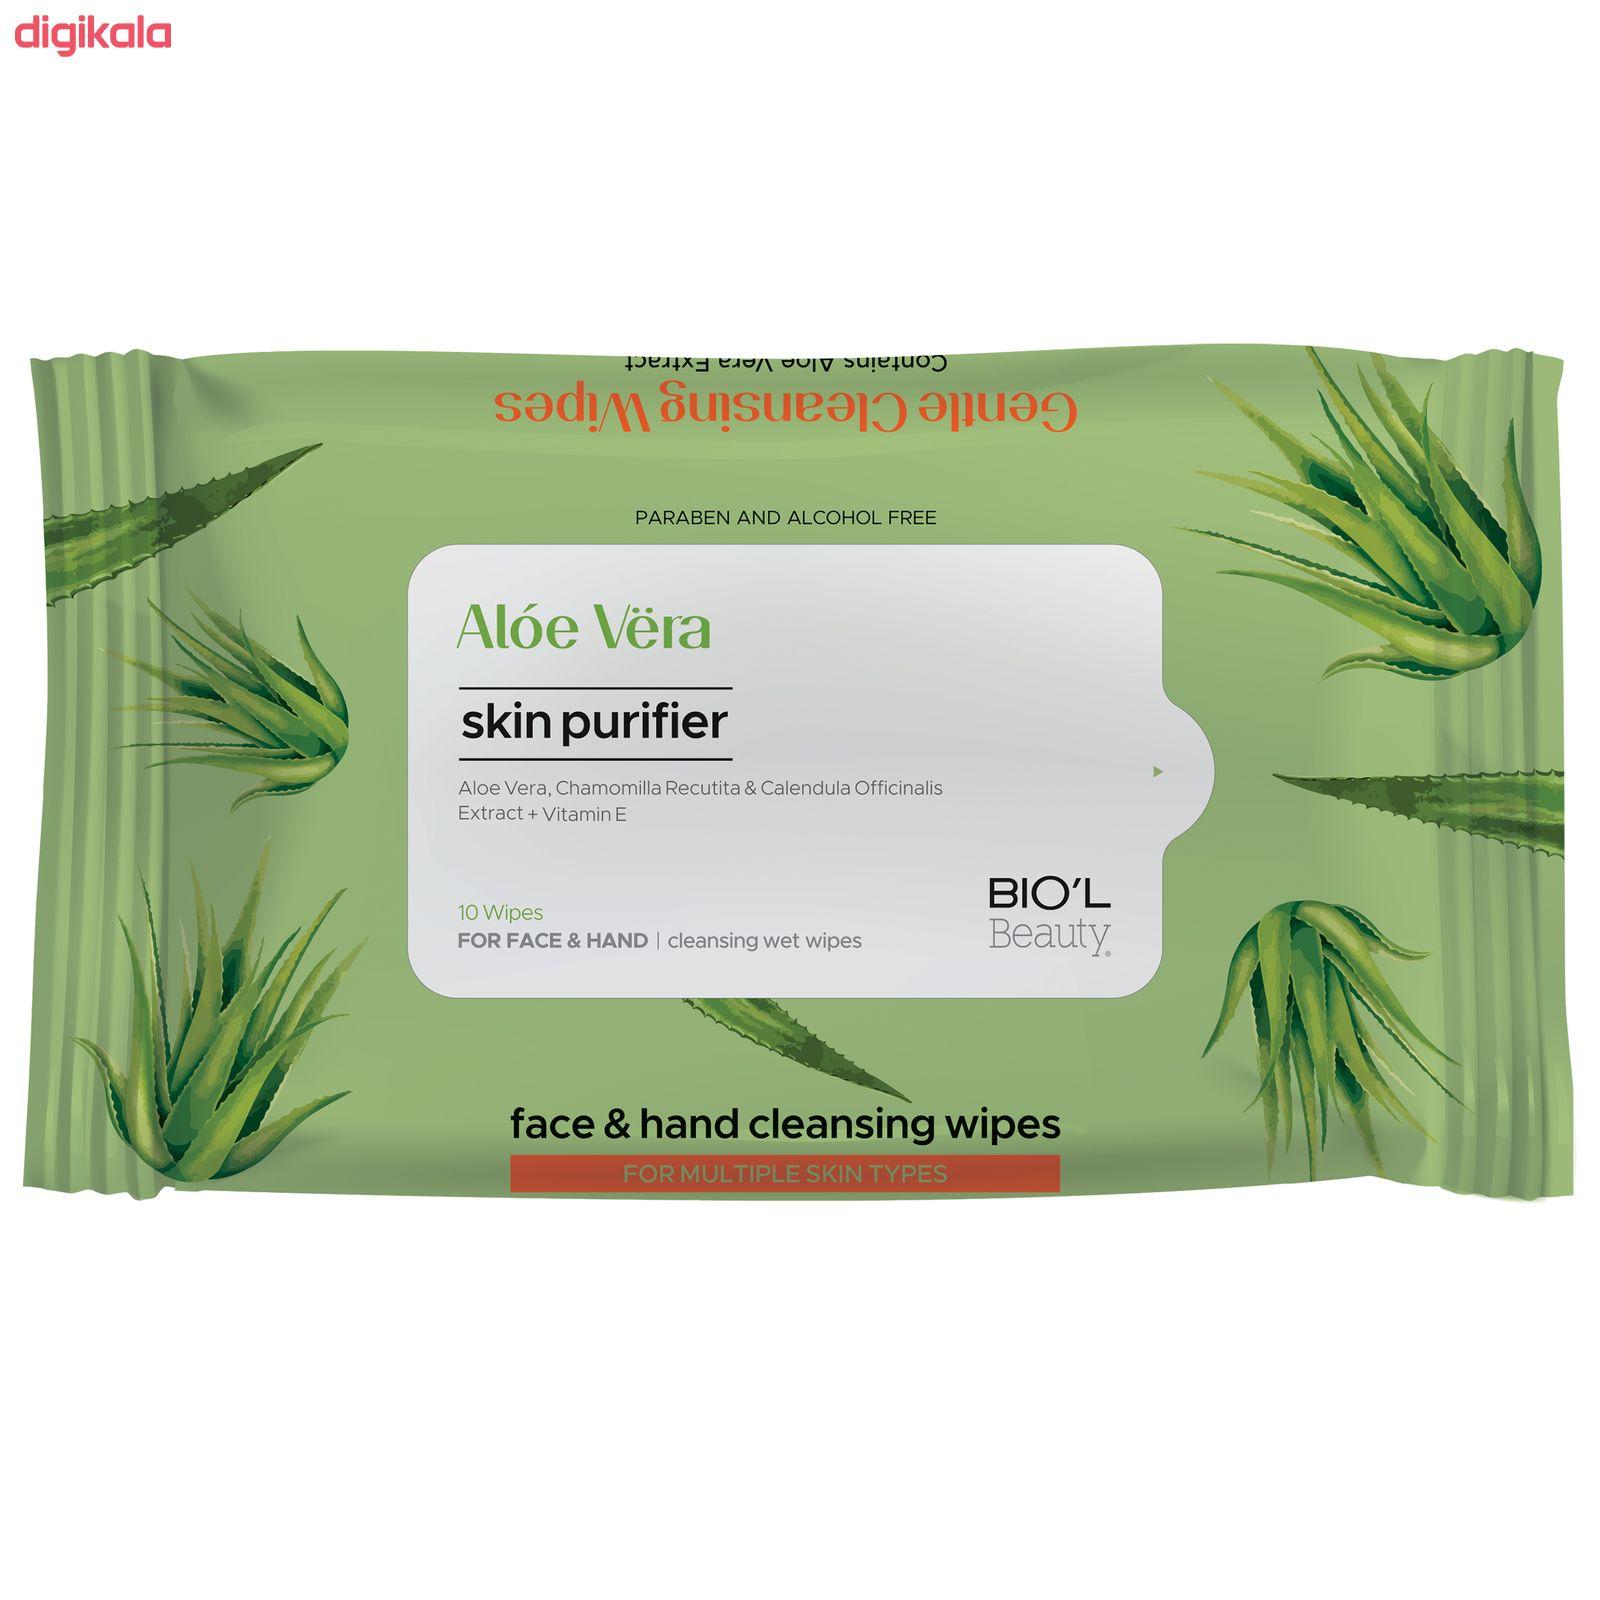 دستمال مرطوب بیول مدل Aloe Vera بسته 10 عددی main 1 1